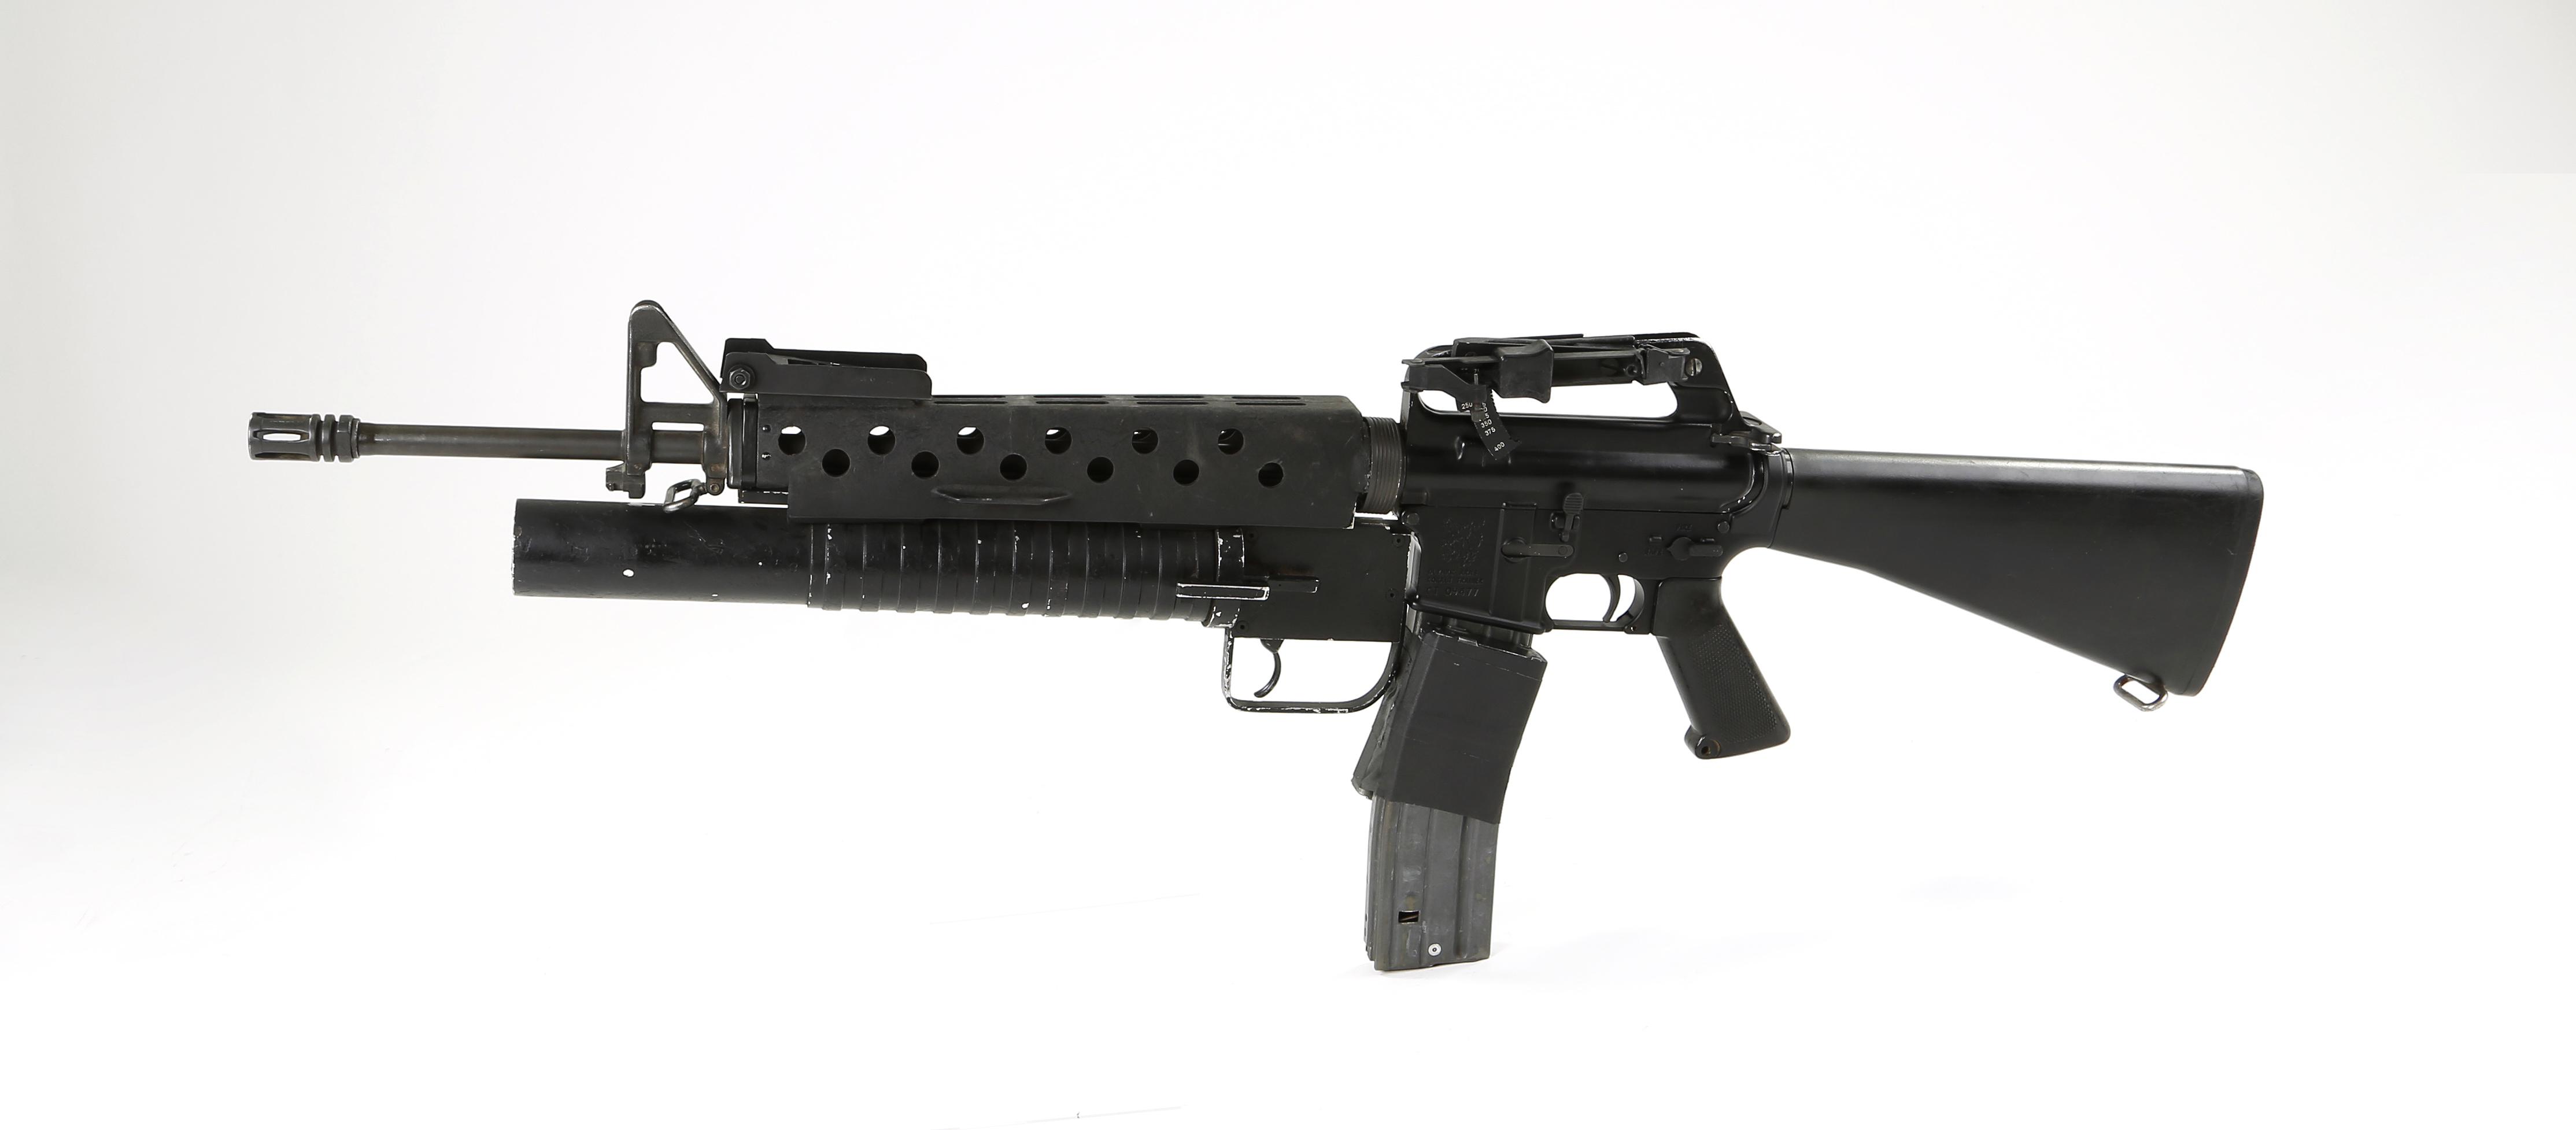 Le M16 équipé d'un lance-grenade qu'utilise Tony Montana dans Scarface